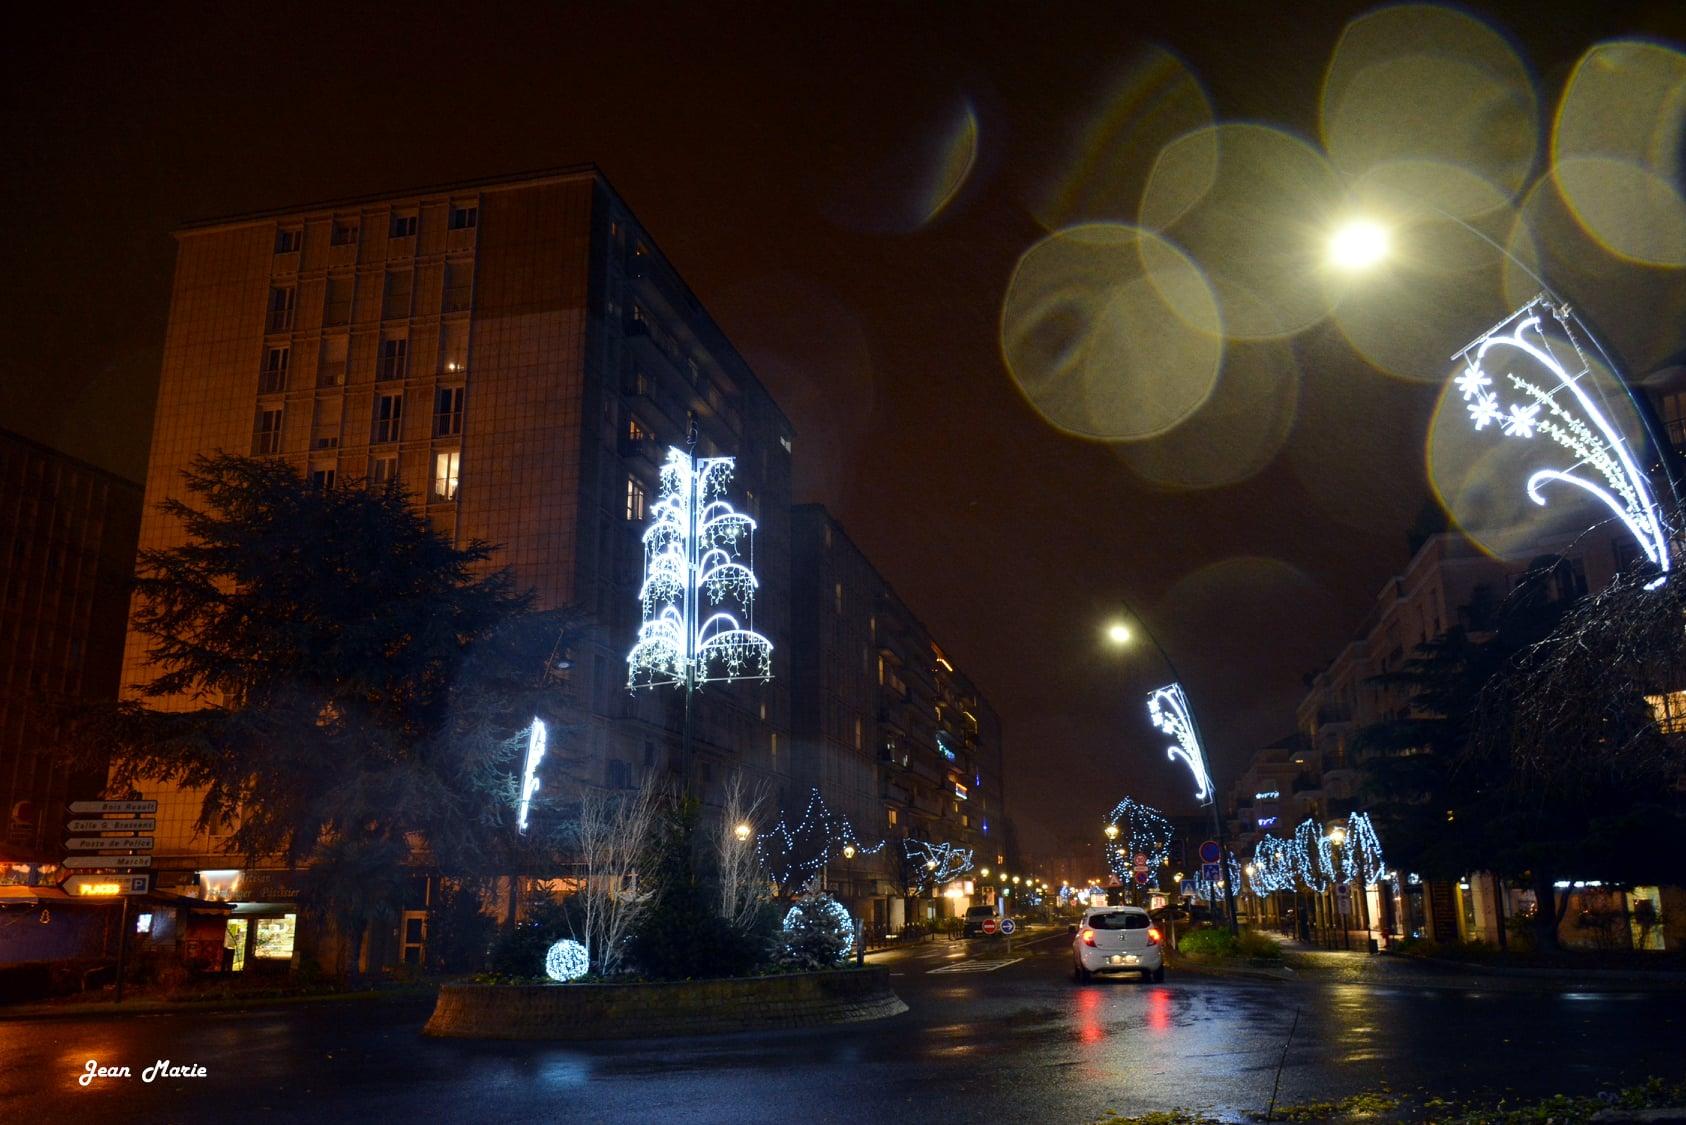 Illuminations de Saint-Gratien (décembre 2020 - photo de Jean-Marie Perdrial)